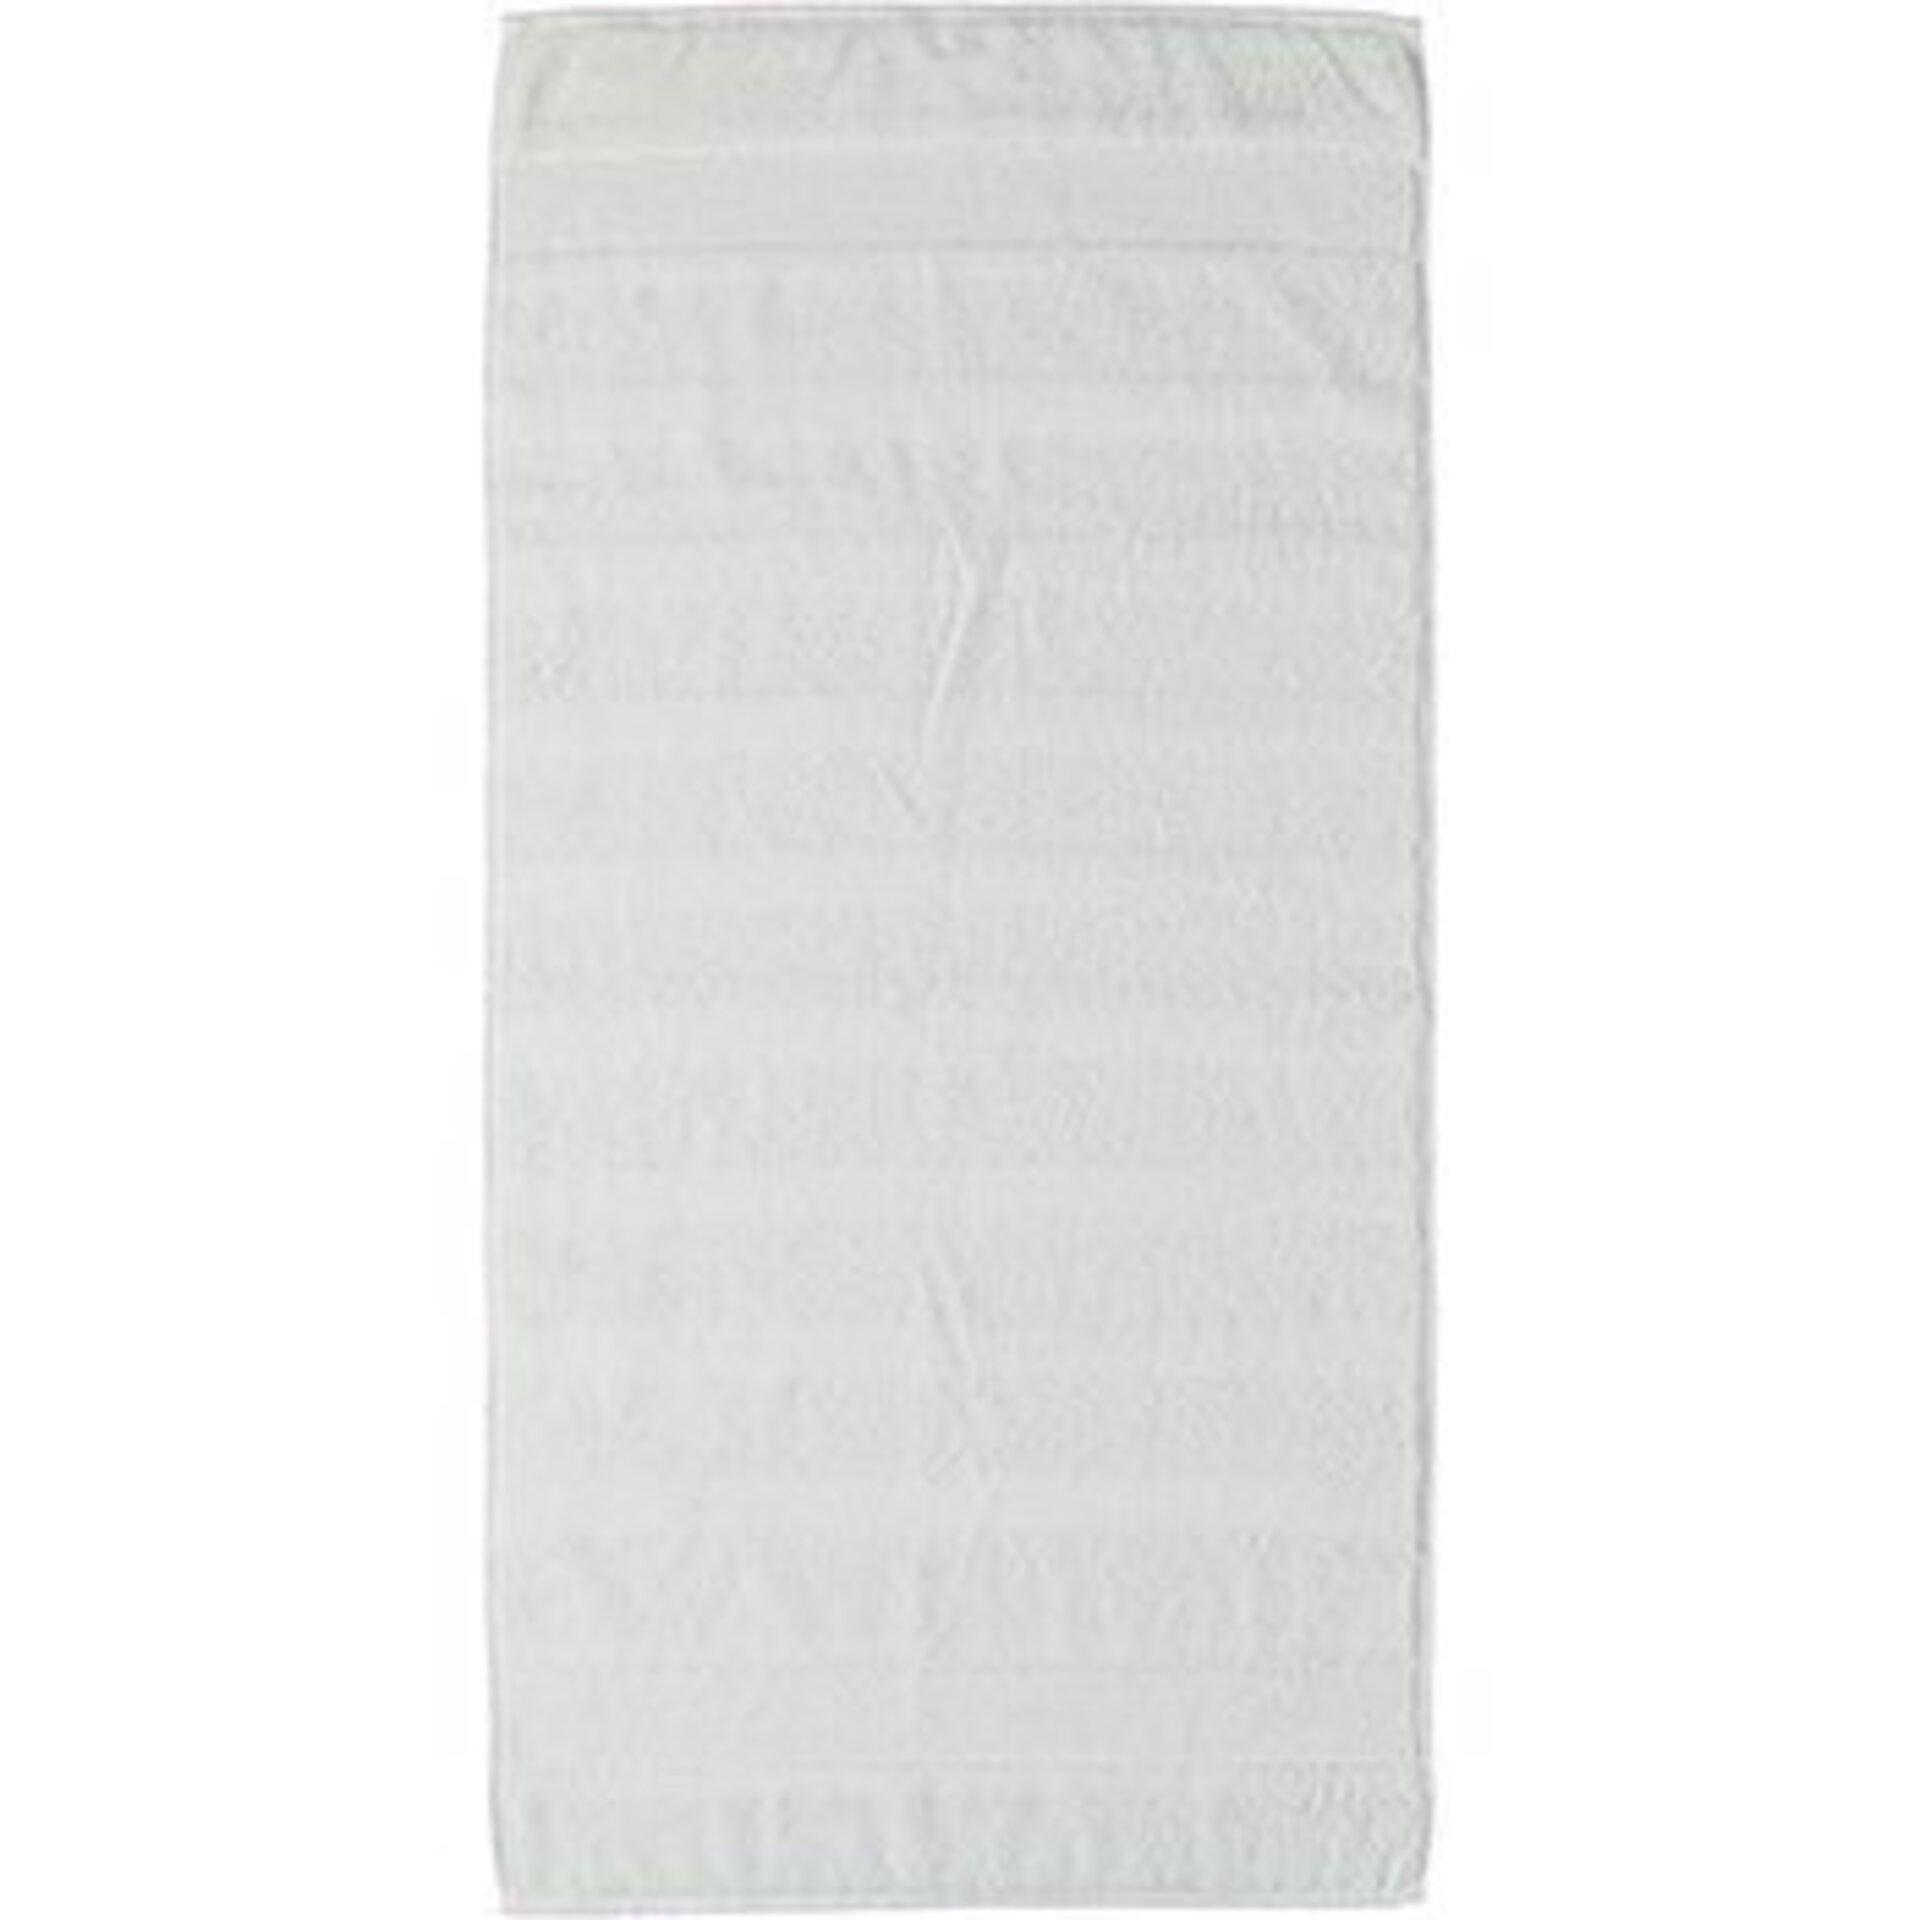 Handtuch Cawö Textil weiß